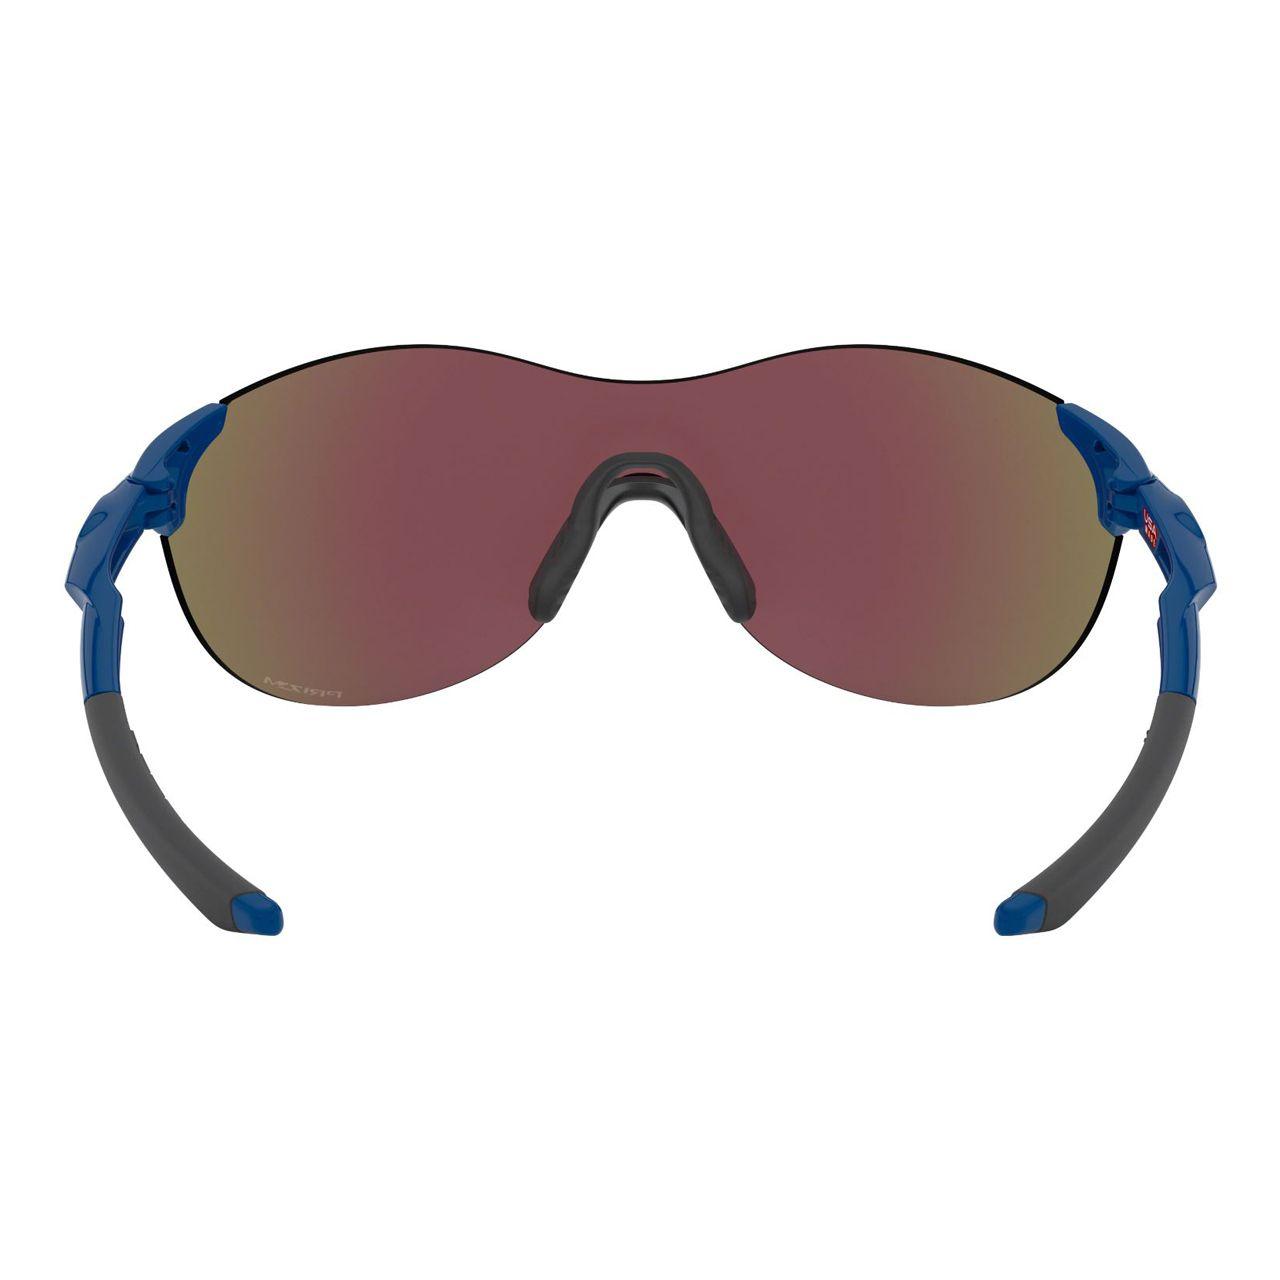 عینک آفتابی اوکلی مدل EVZero Ascend Poseidon کد OO9453-0437 -  - 5